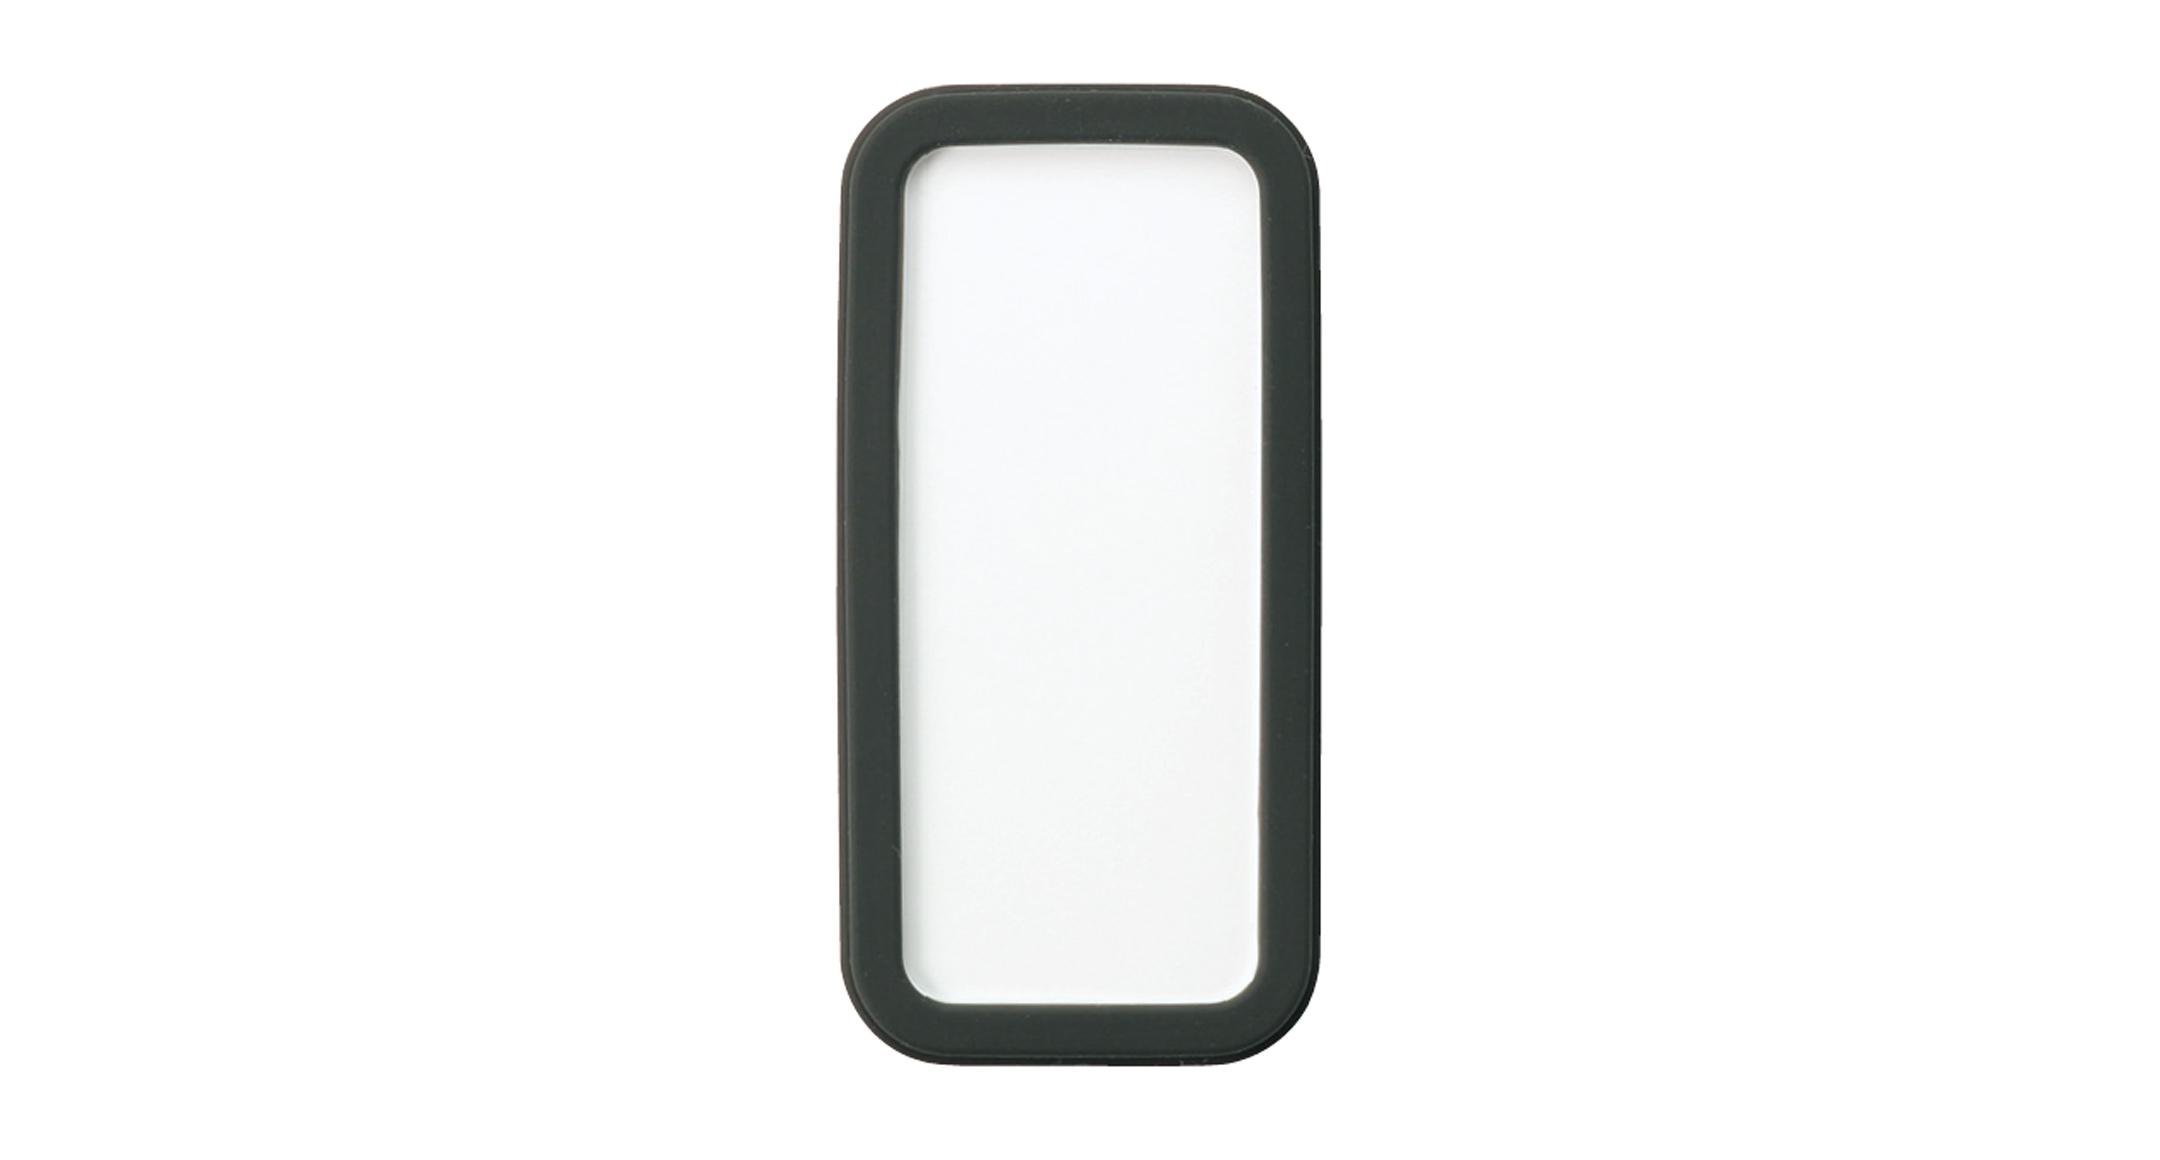 シリコンカバー付ポータブルケース CSSシリーズ:ホワイト/ブラックの画像